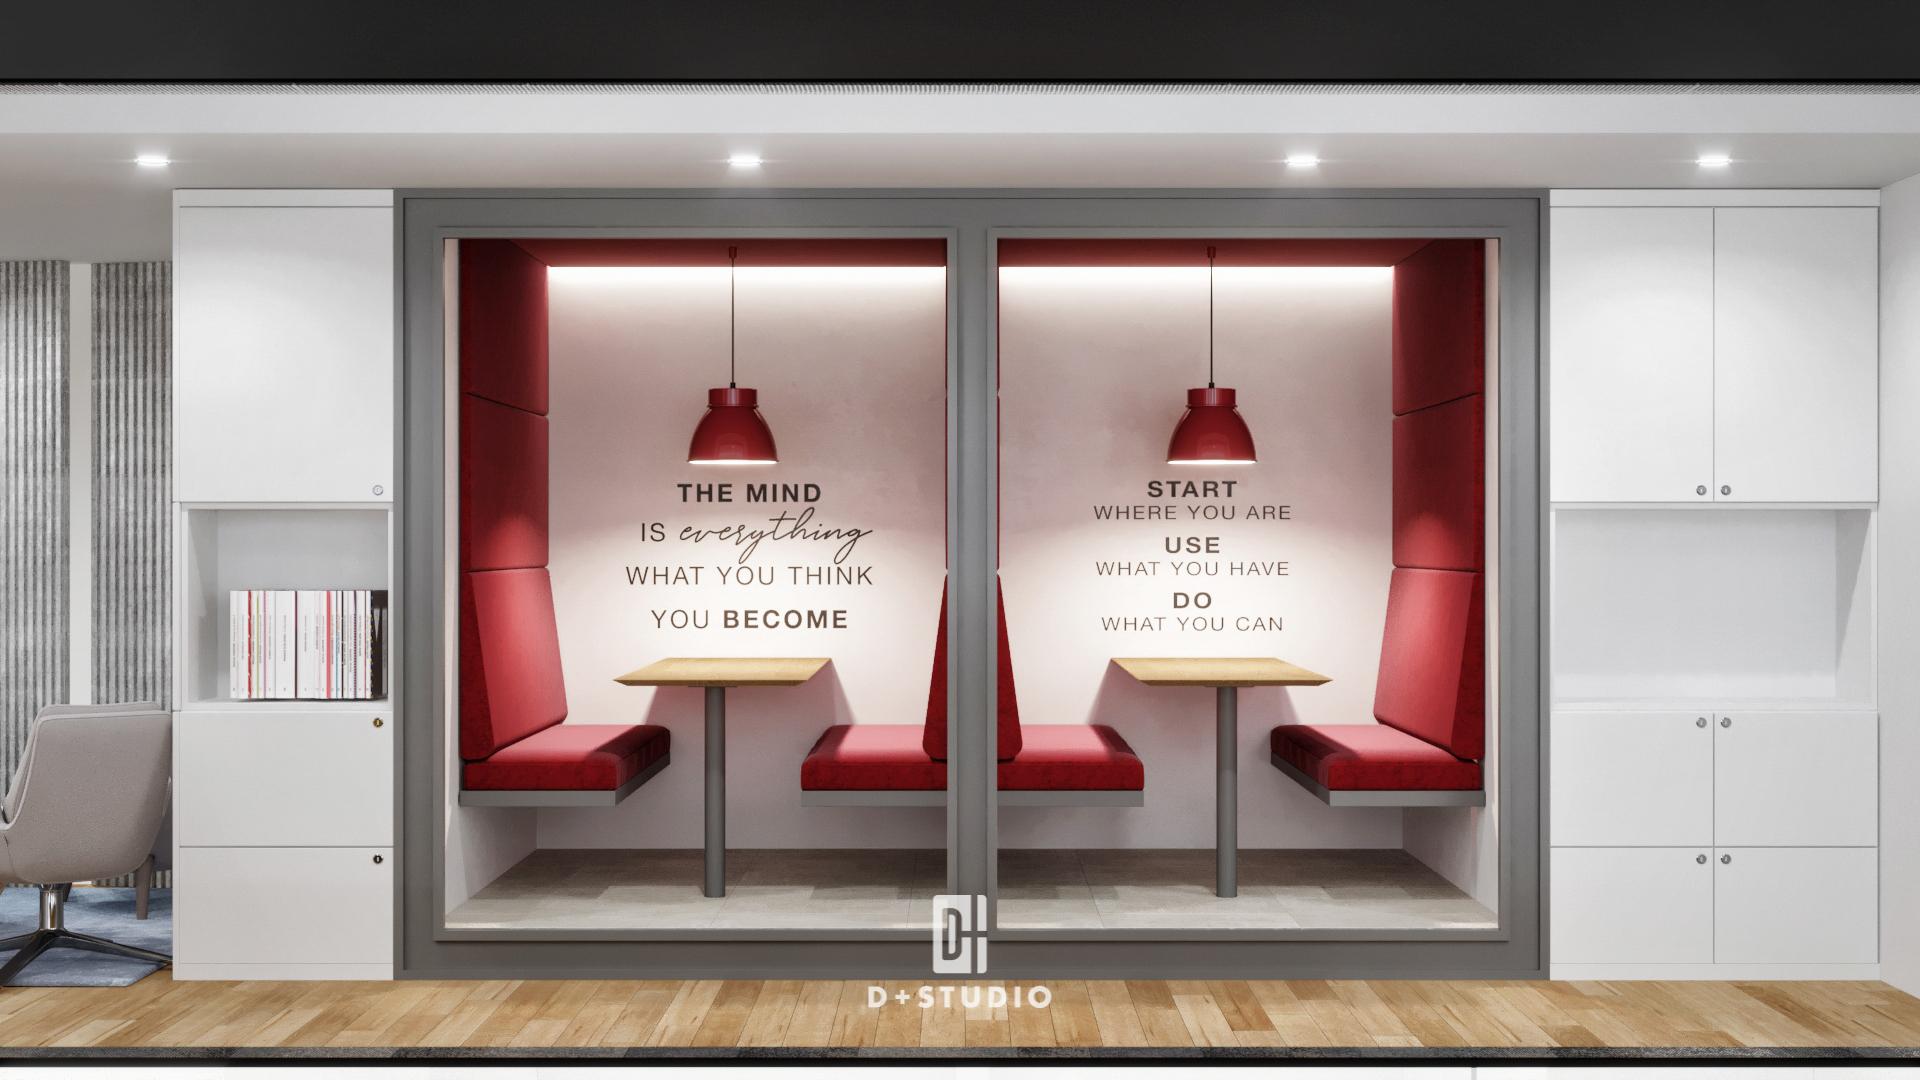 Không gian làm việc riêng tư của Aspaces thúc đẩy sự nhiệt huyết và đam mê của nhân viên với thiết kế trần, tường, ghế, đèn màu đỏ nổi bật giữa nền màu trắng văn phòng